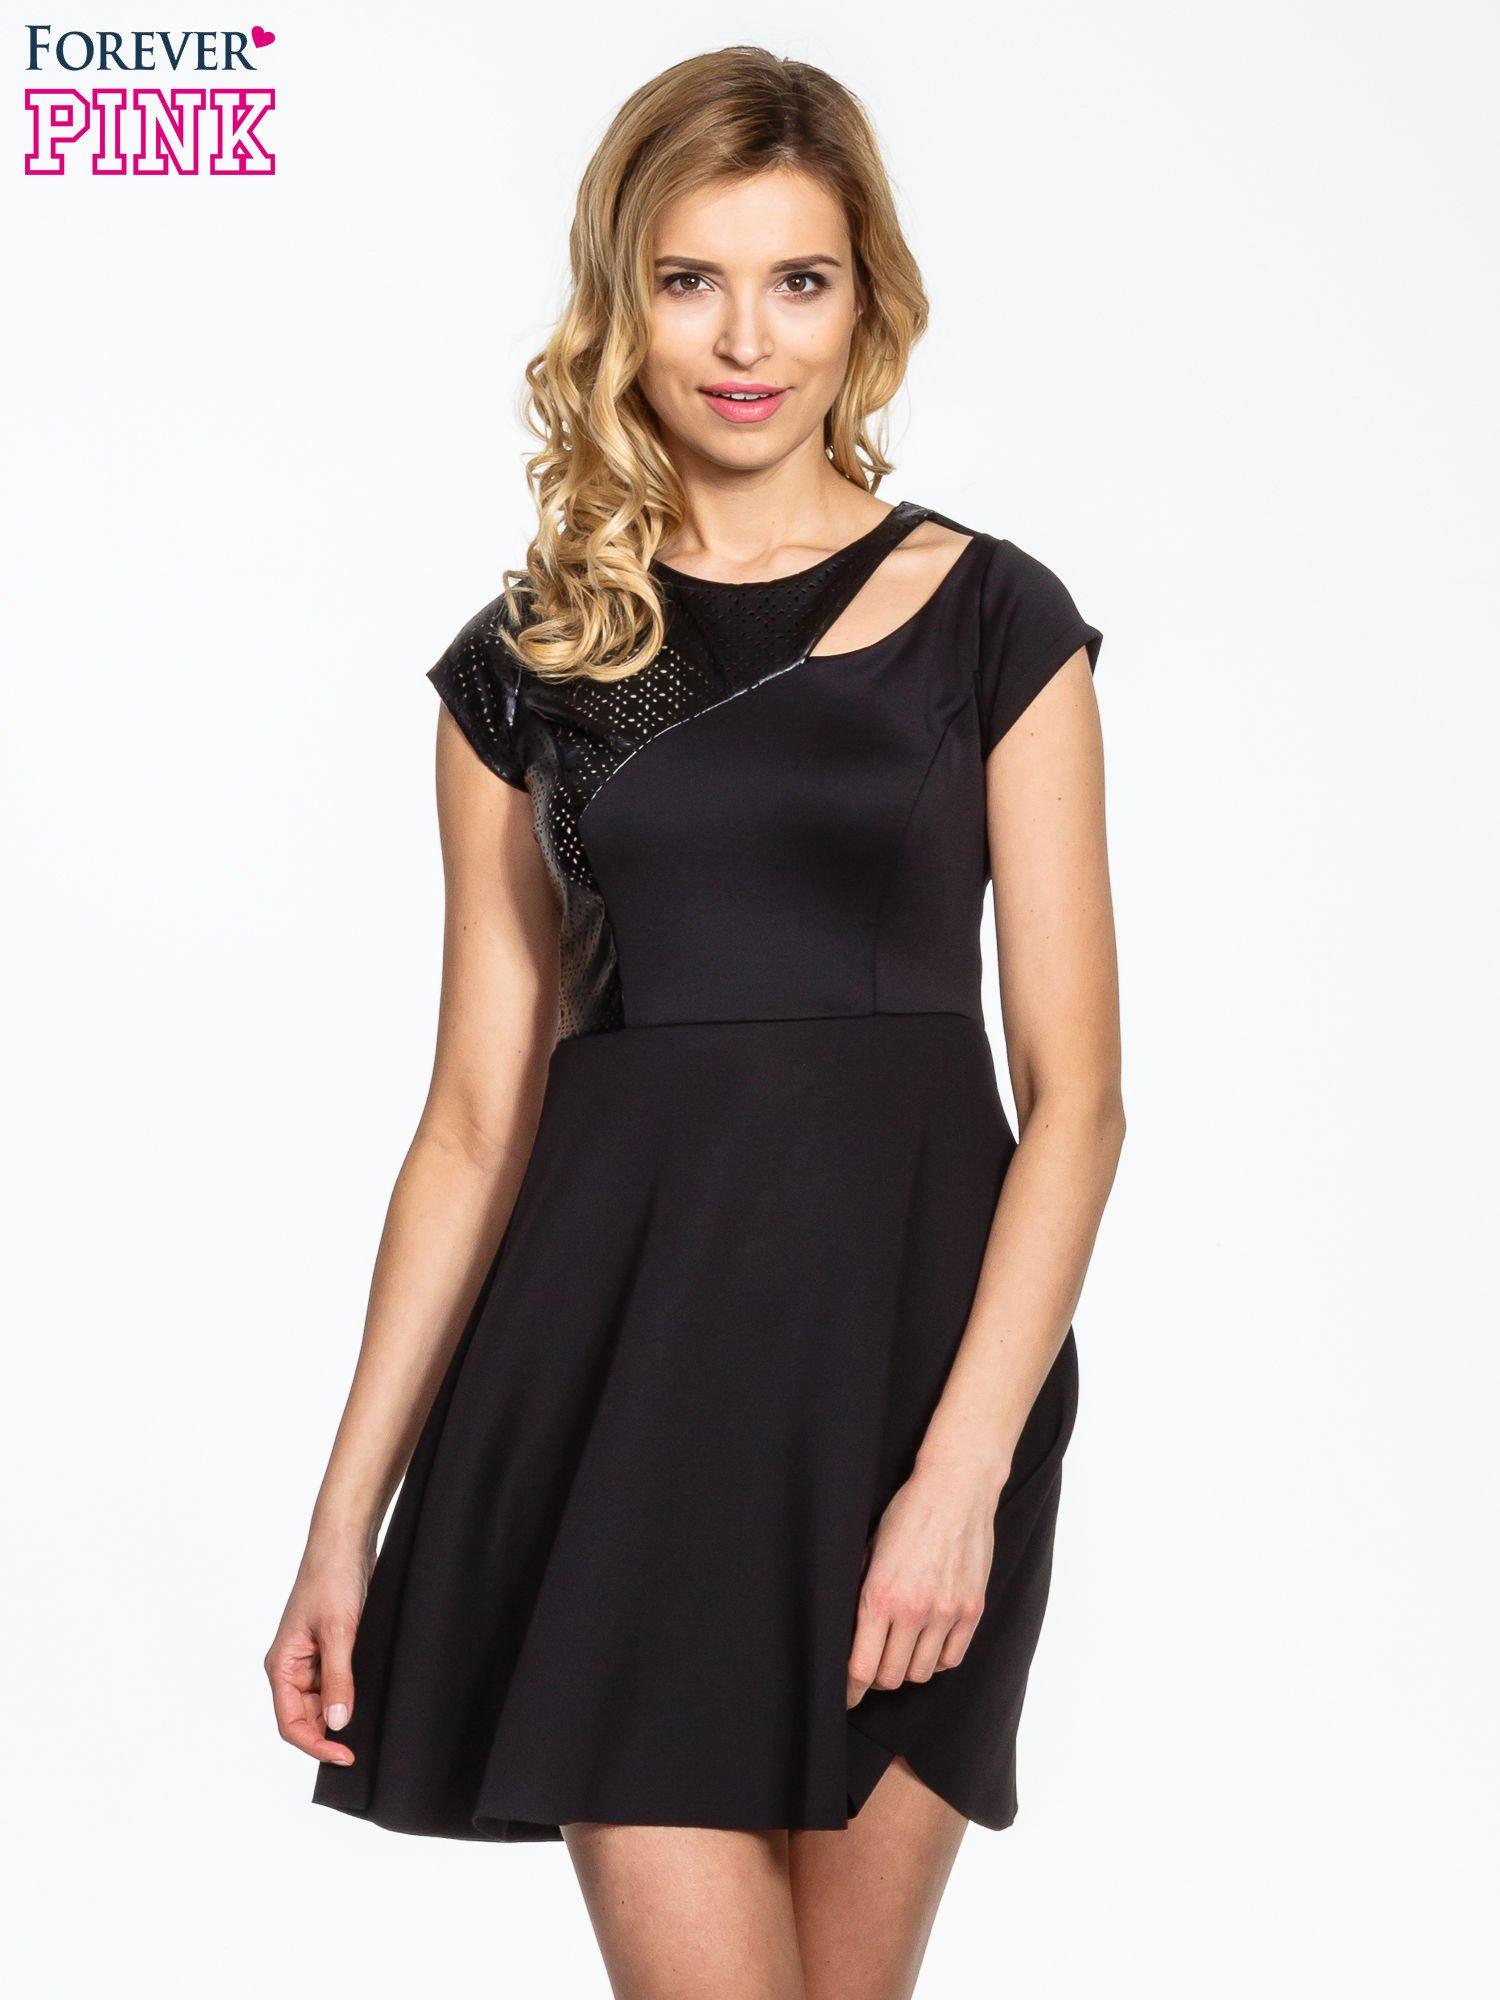 Czarna rozkloszowana sukienka z asymetrycznym wycięciem na dekolcie                                  zdj.                                  1